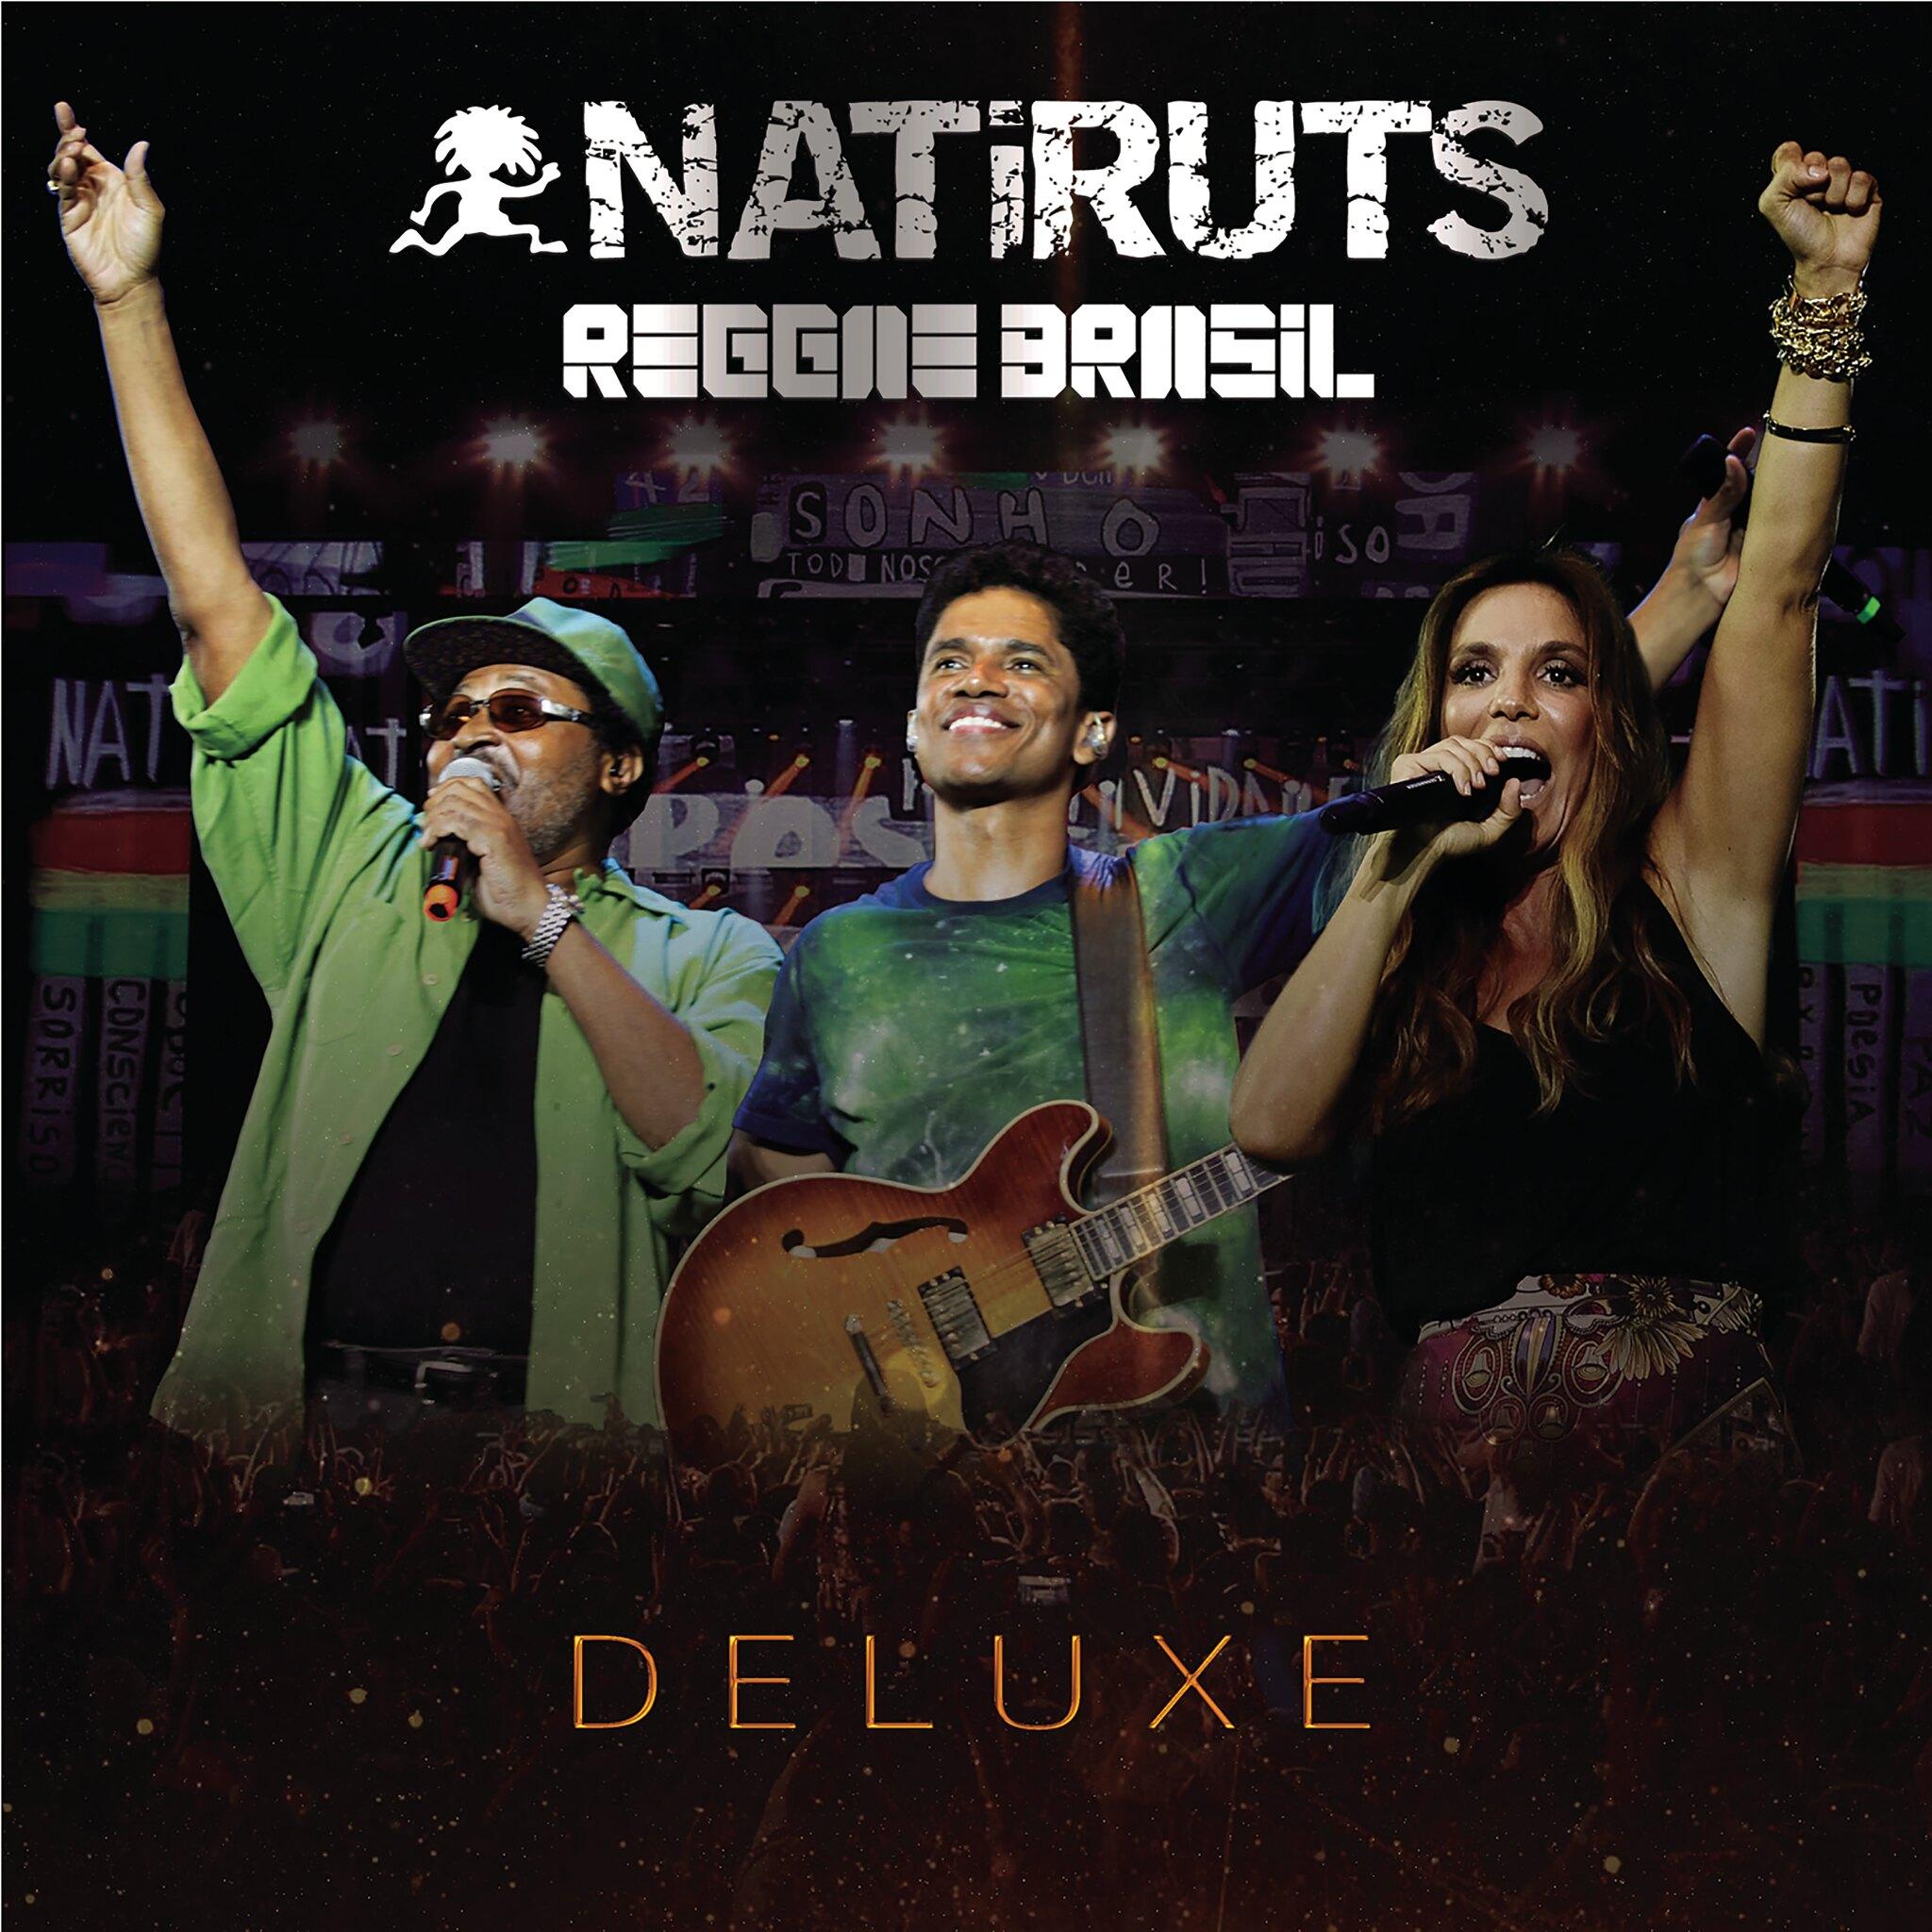 Natiruts - Reggae Brasil (Deluxe)